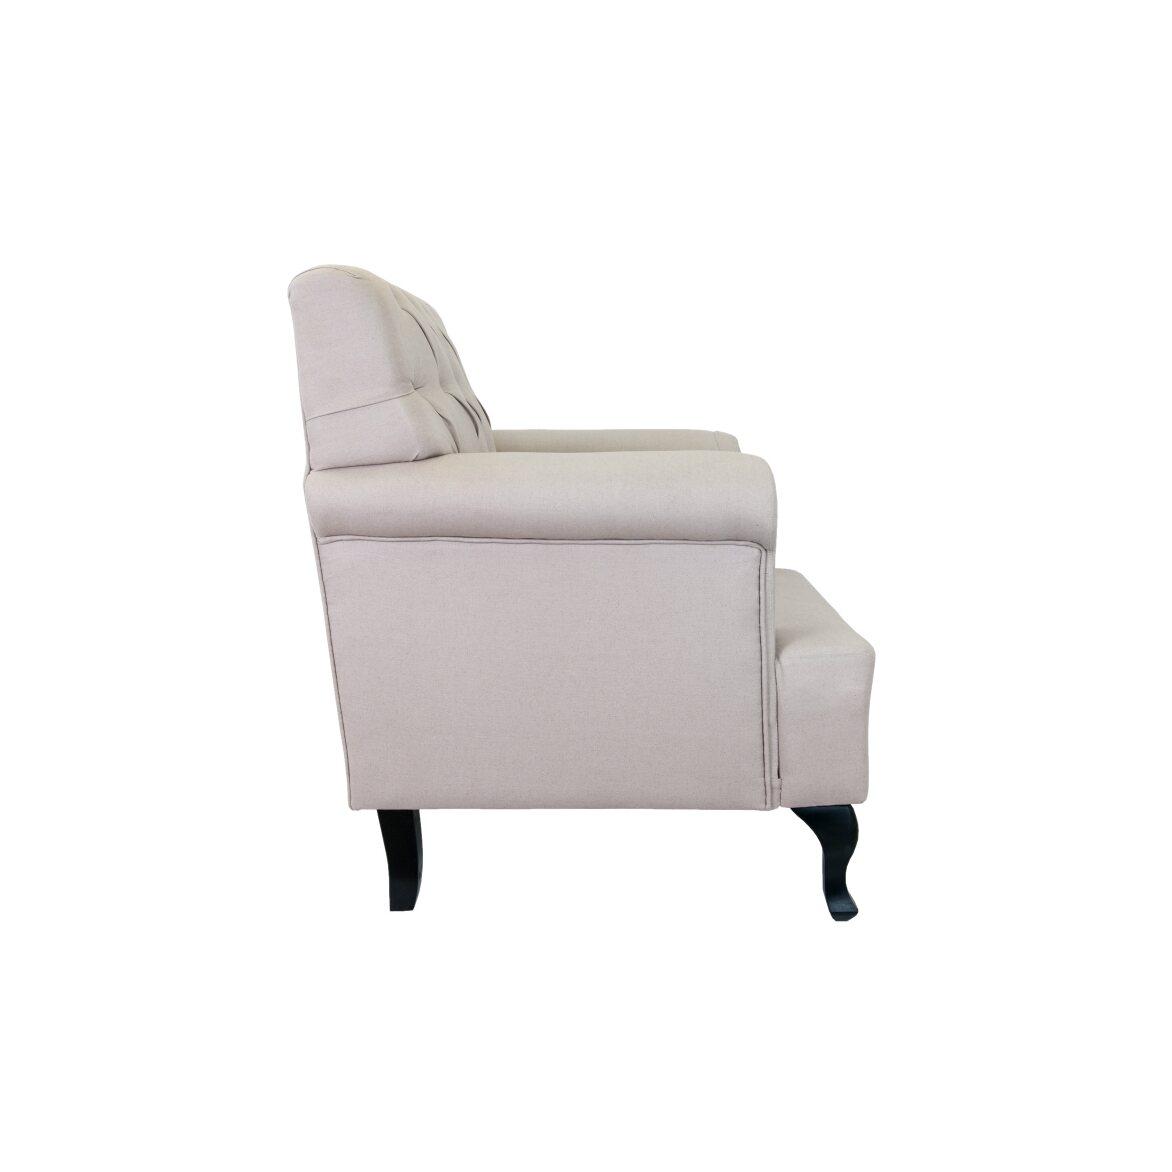 Кресло Kaniel beige 2 | Каминные кресла Kingsby